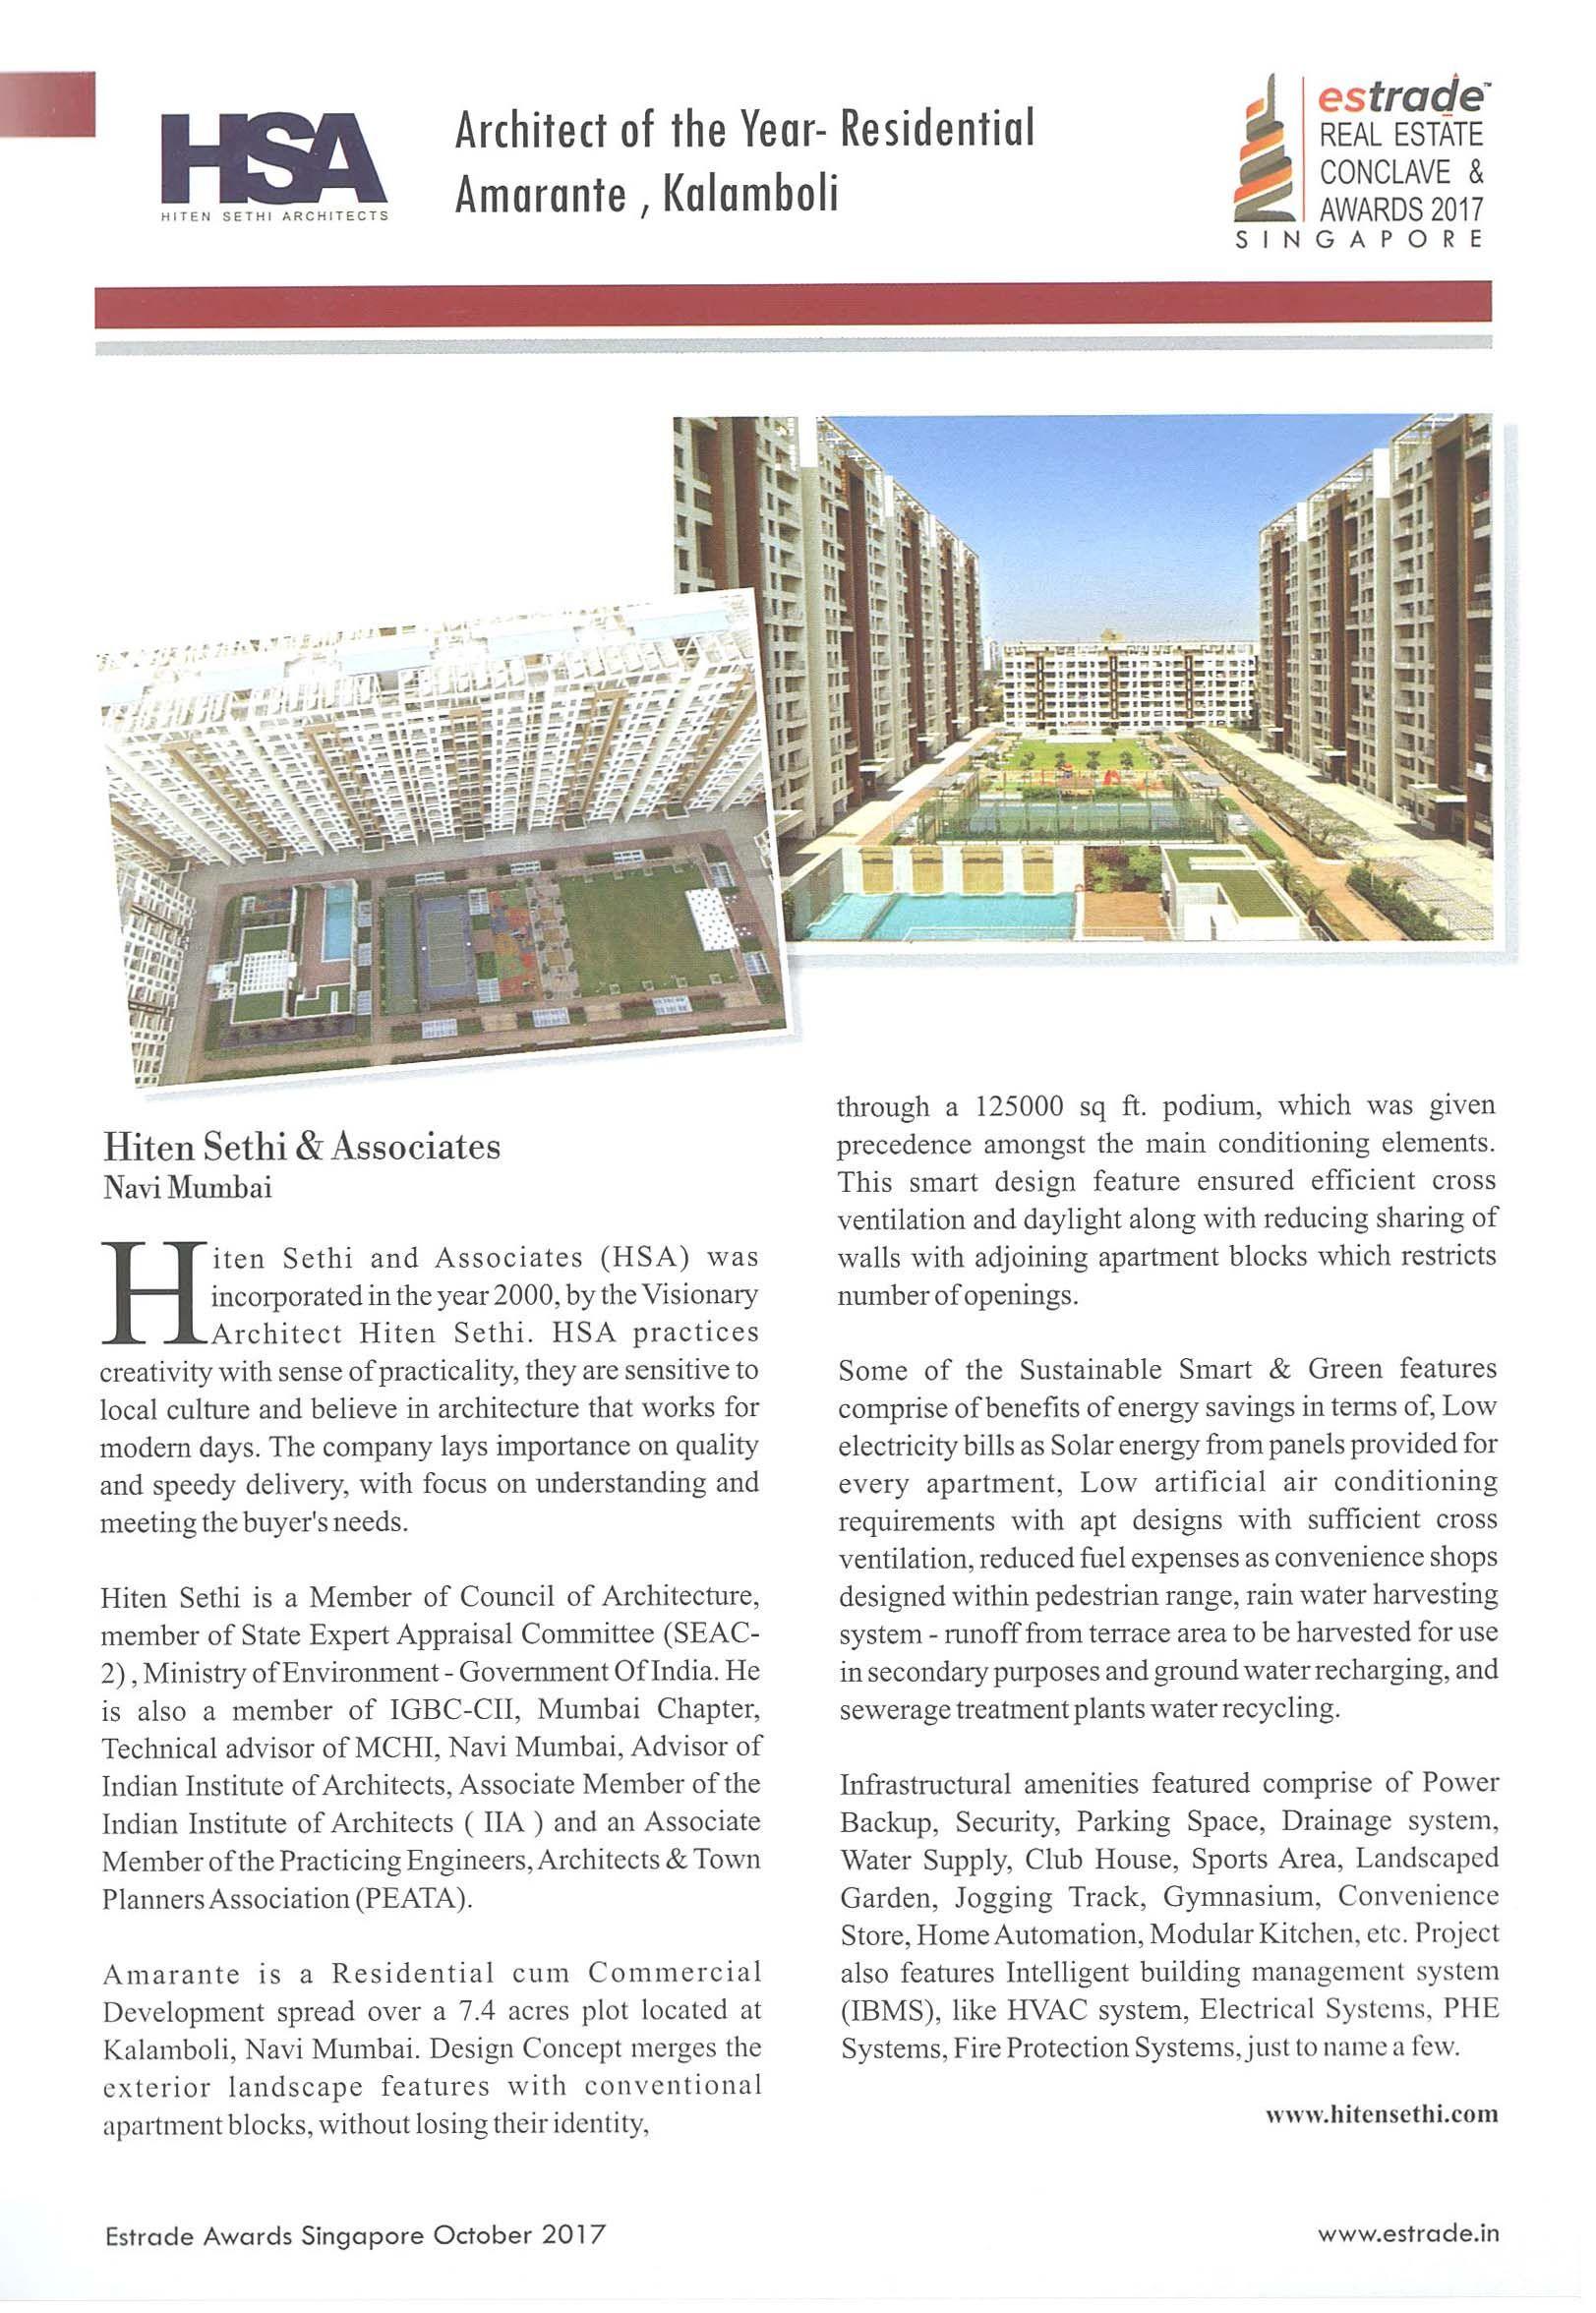 Architect Of the Year - Residential Amarante, Kalamboli